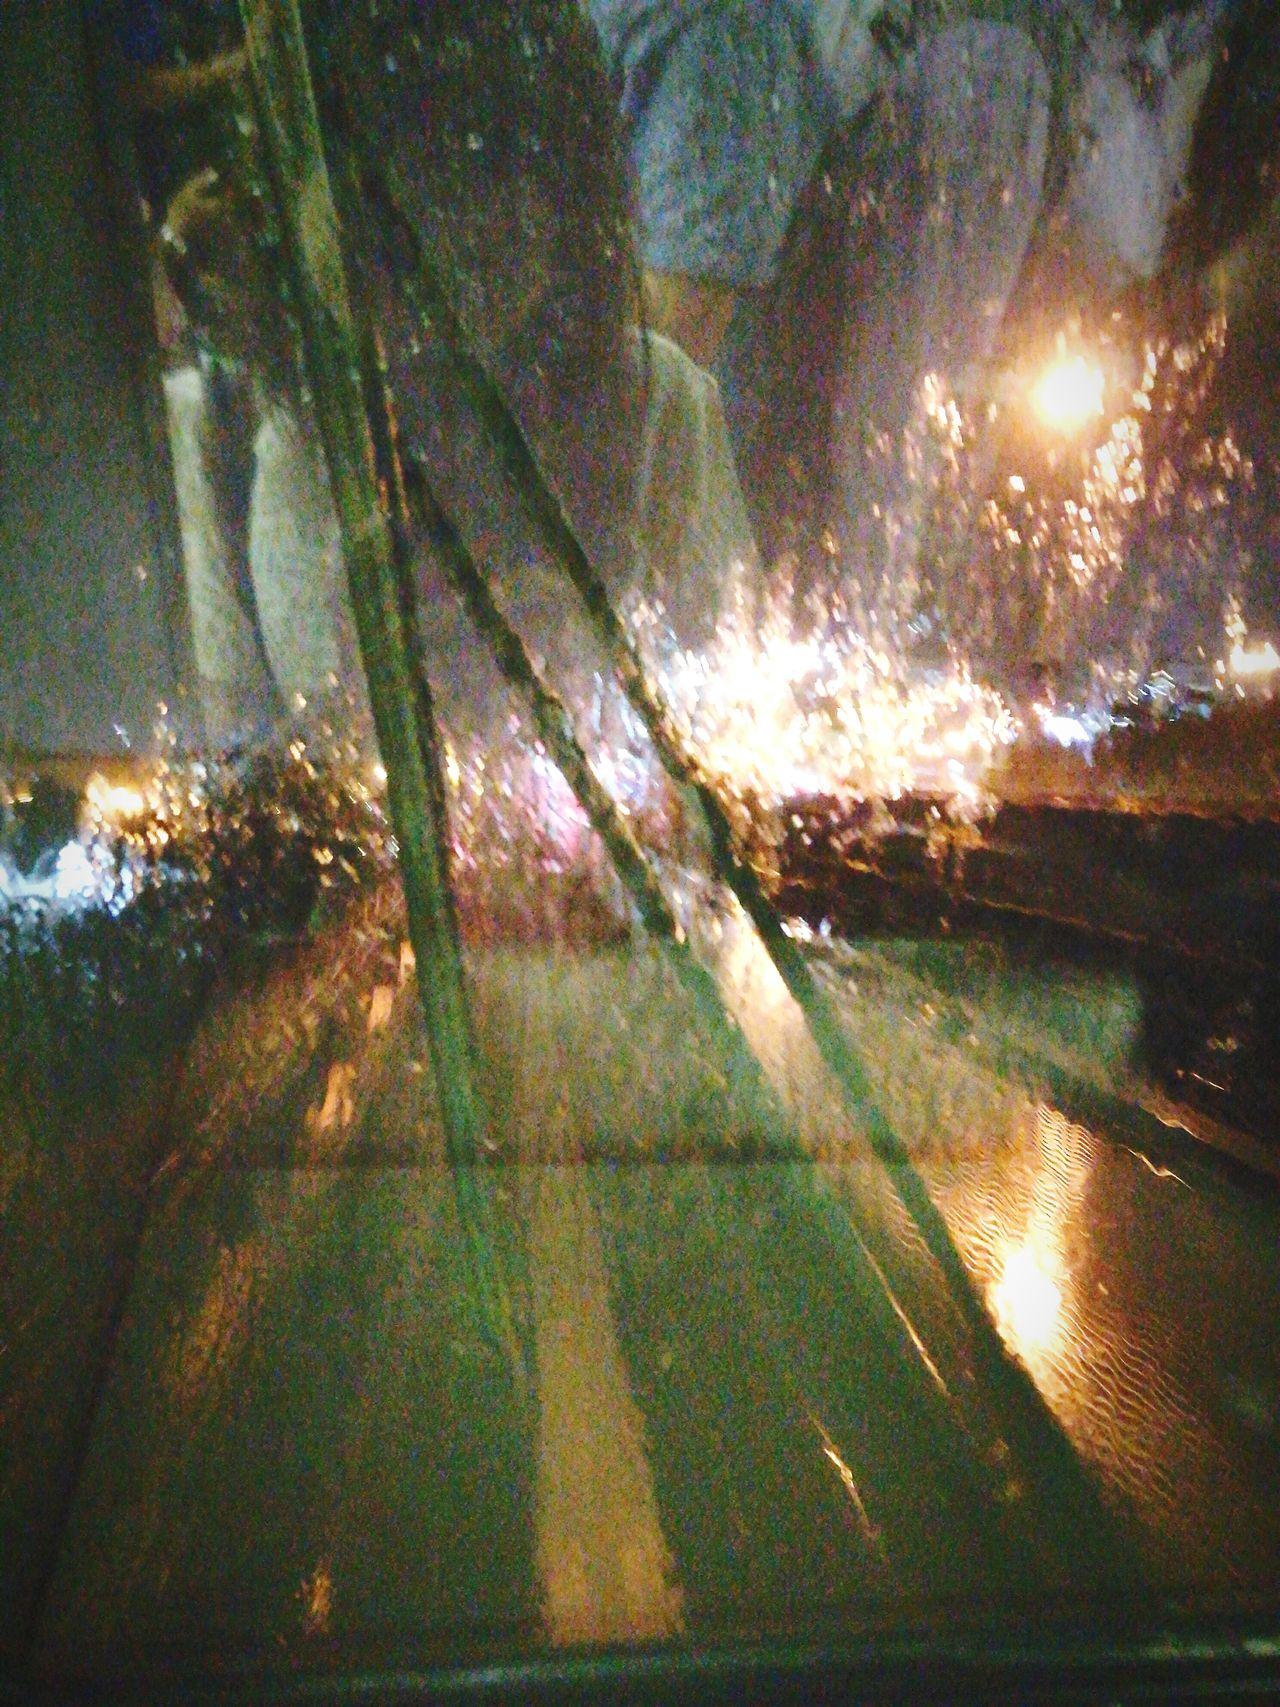 And... It's raining. Creepynight